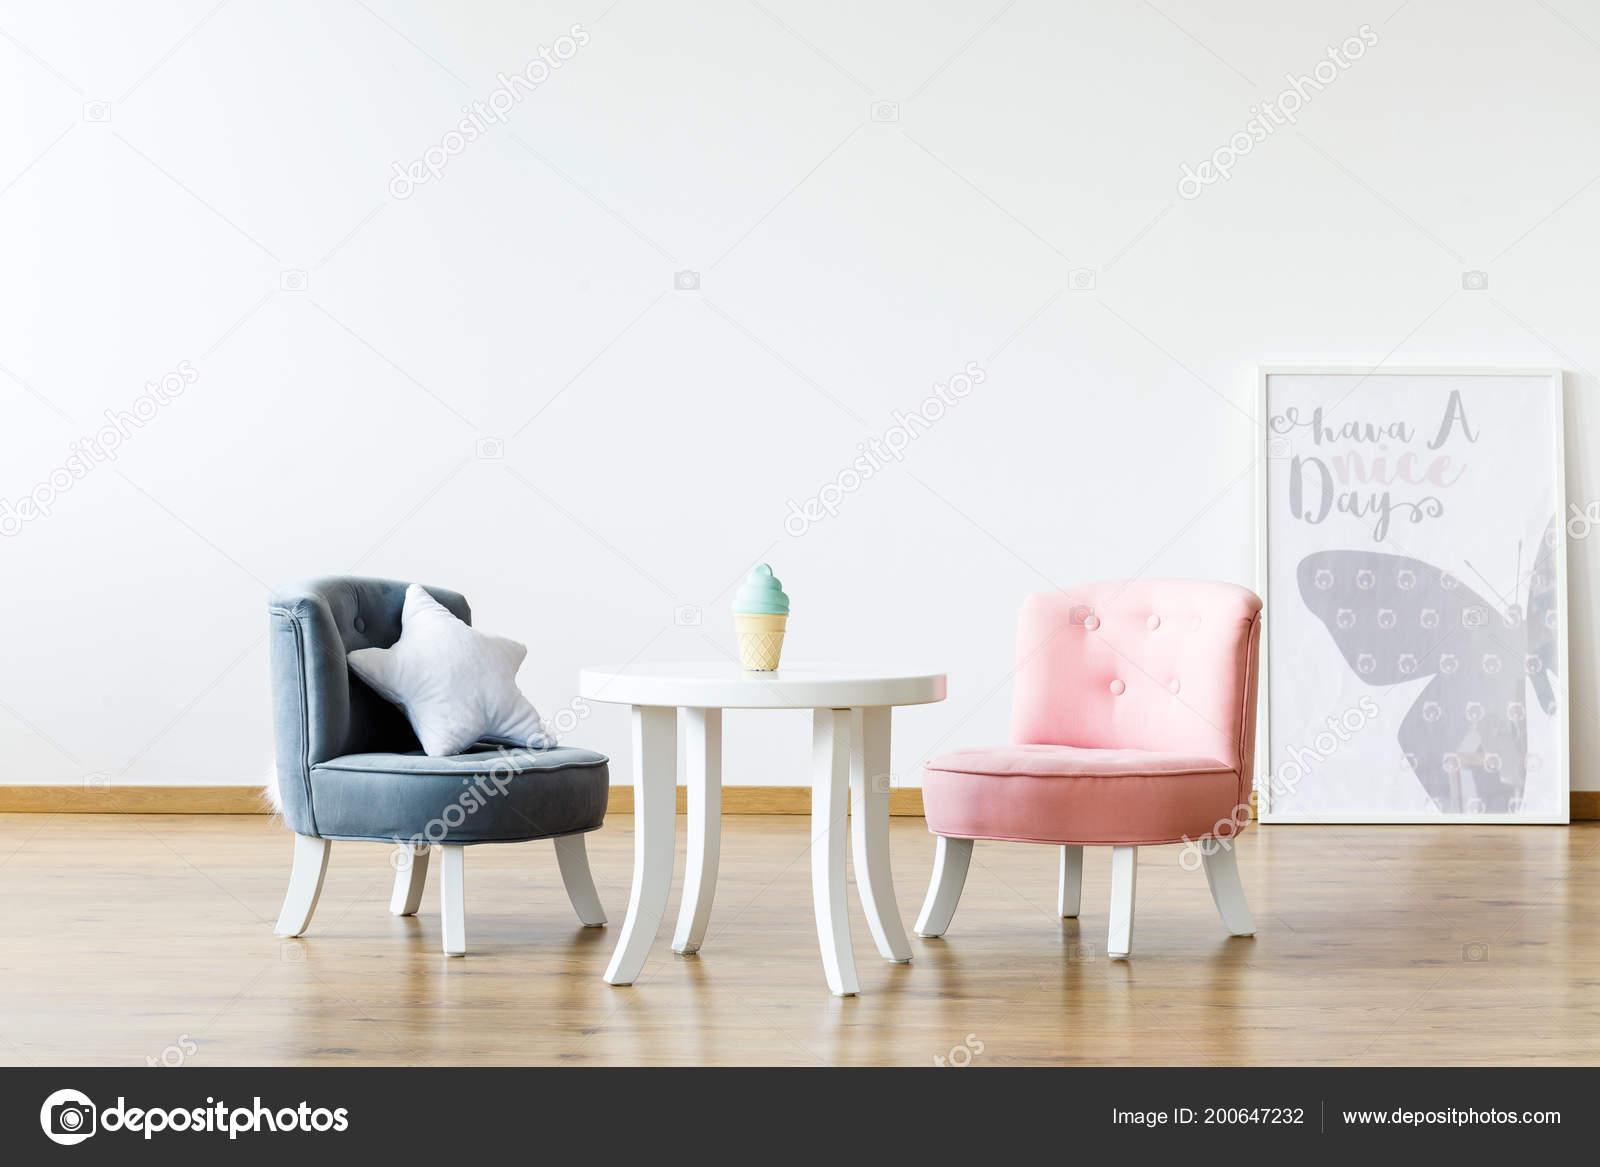 Sillas Pastel Mesa Blanca Interior Cuarto Niña Con Cartel Copia ...